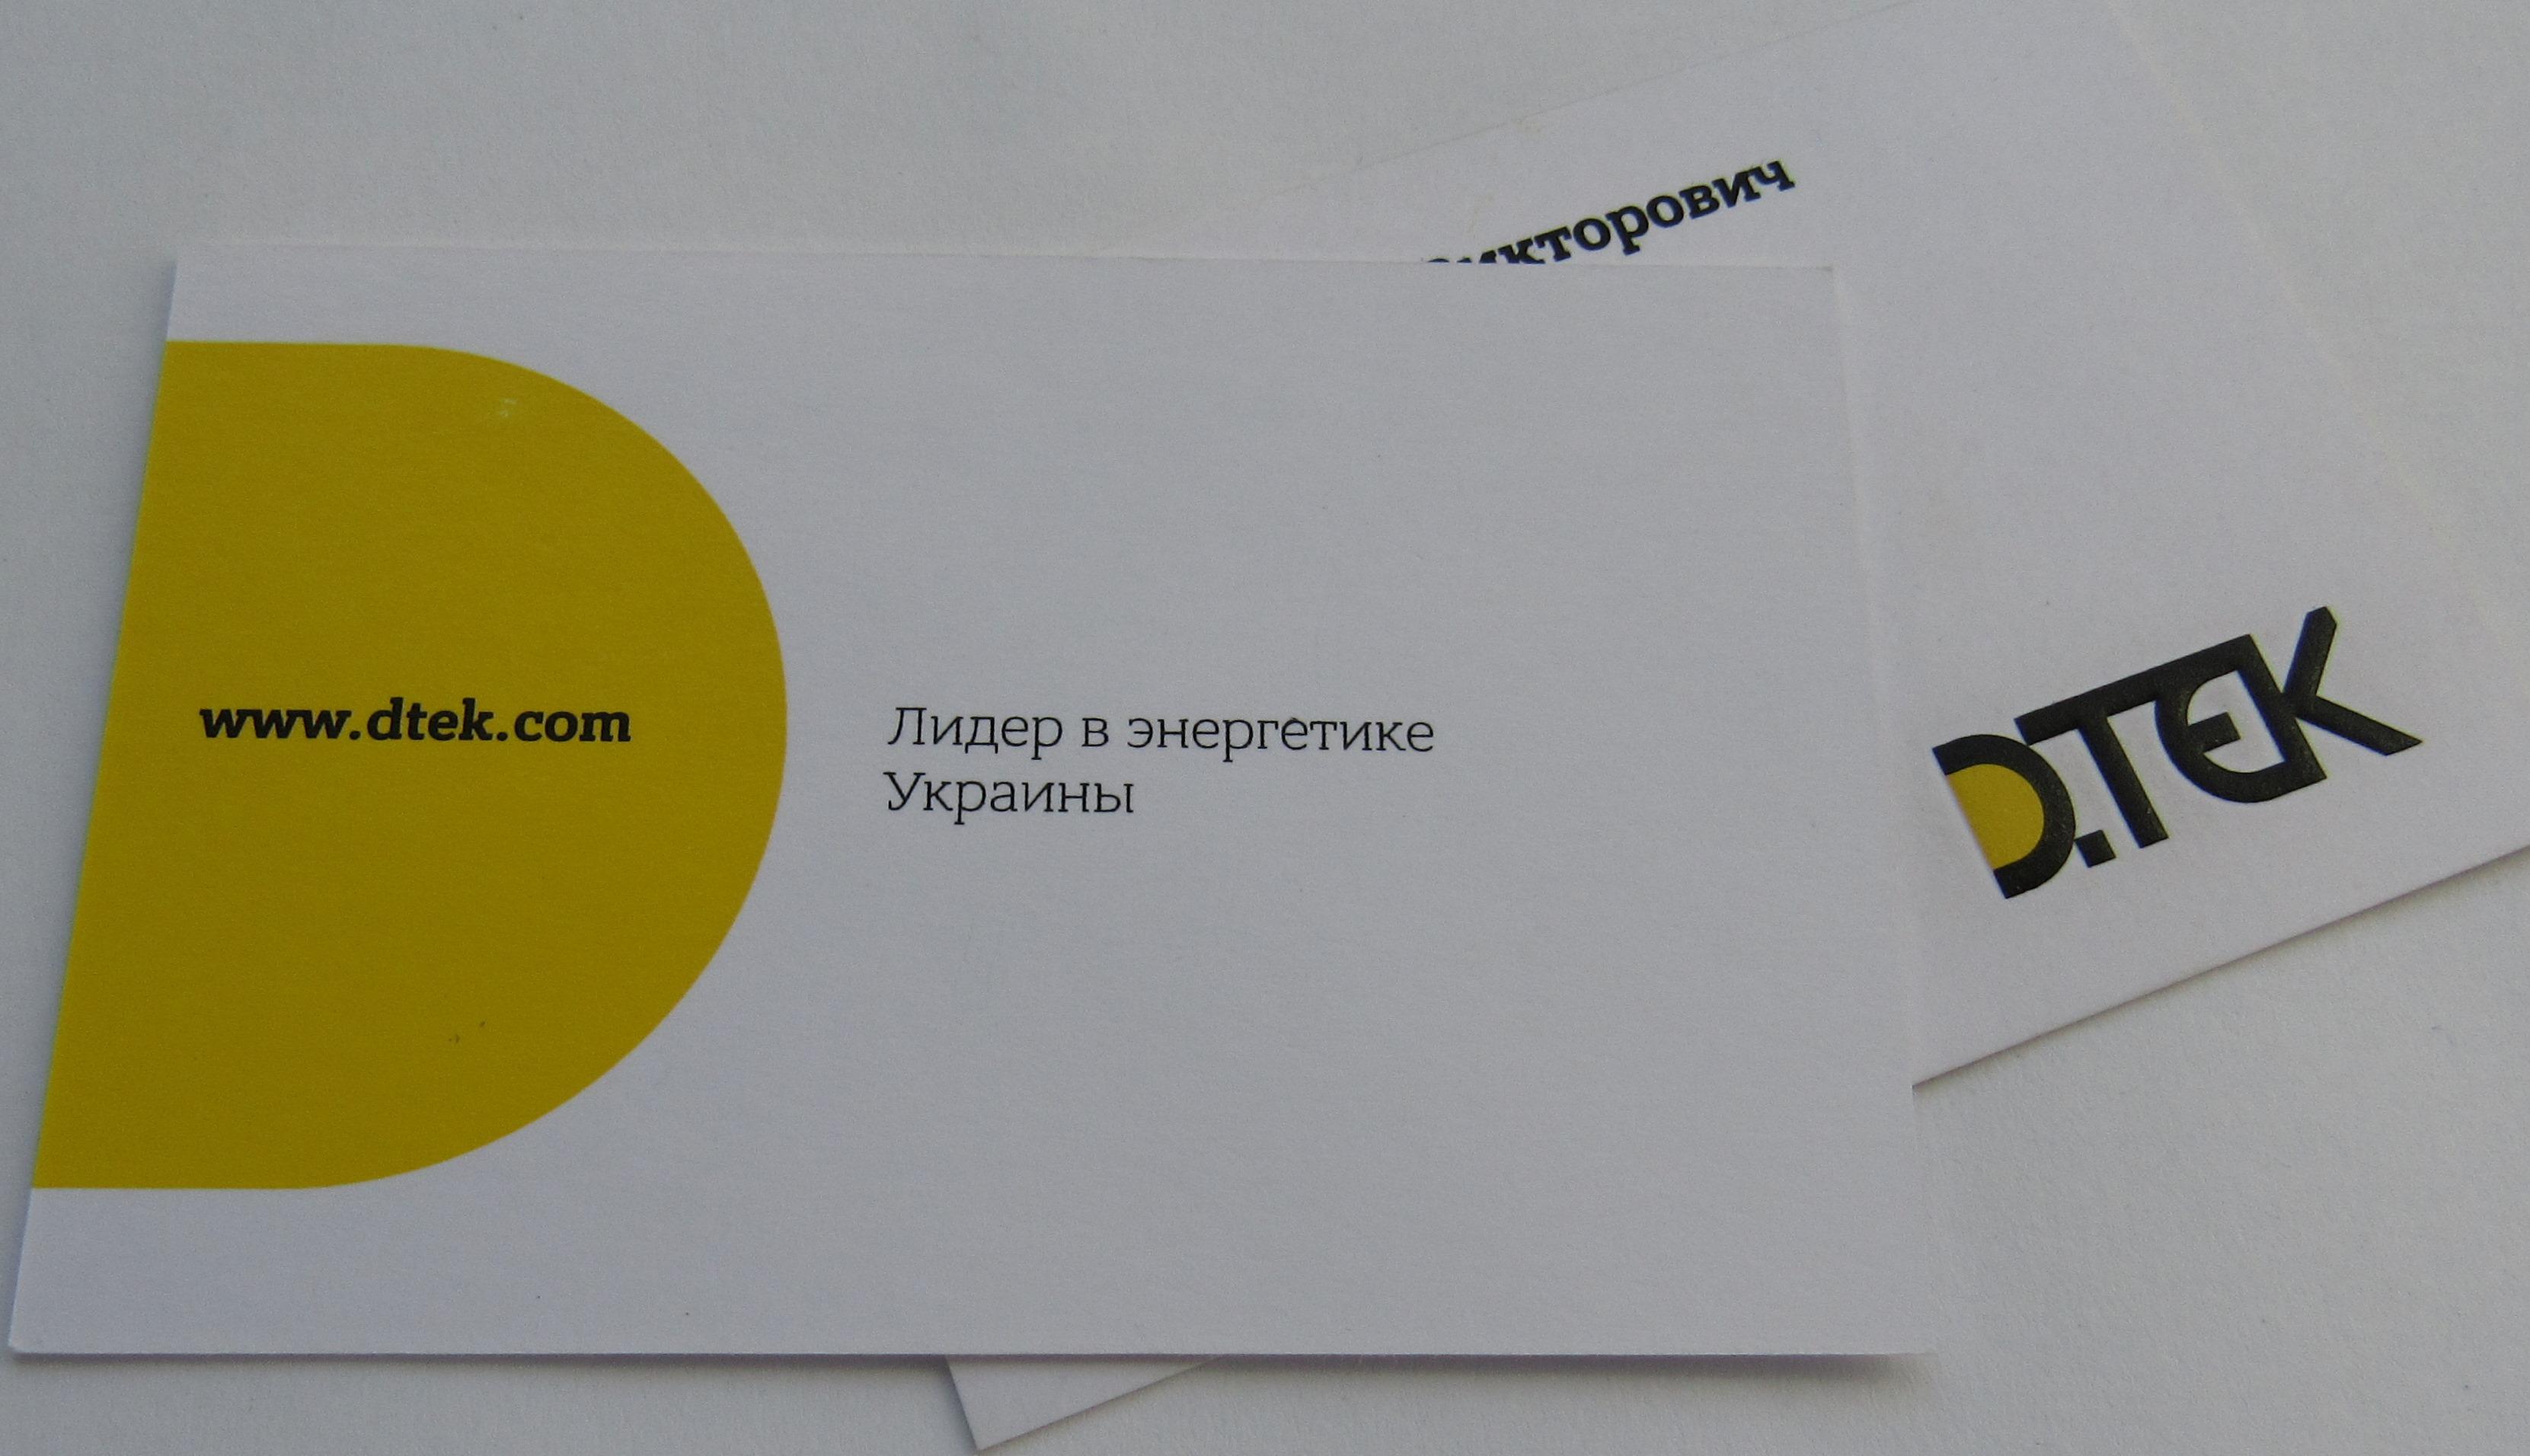 Кашировані візитні картки